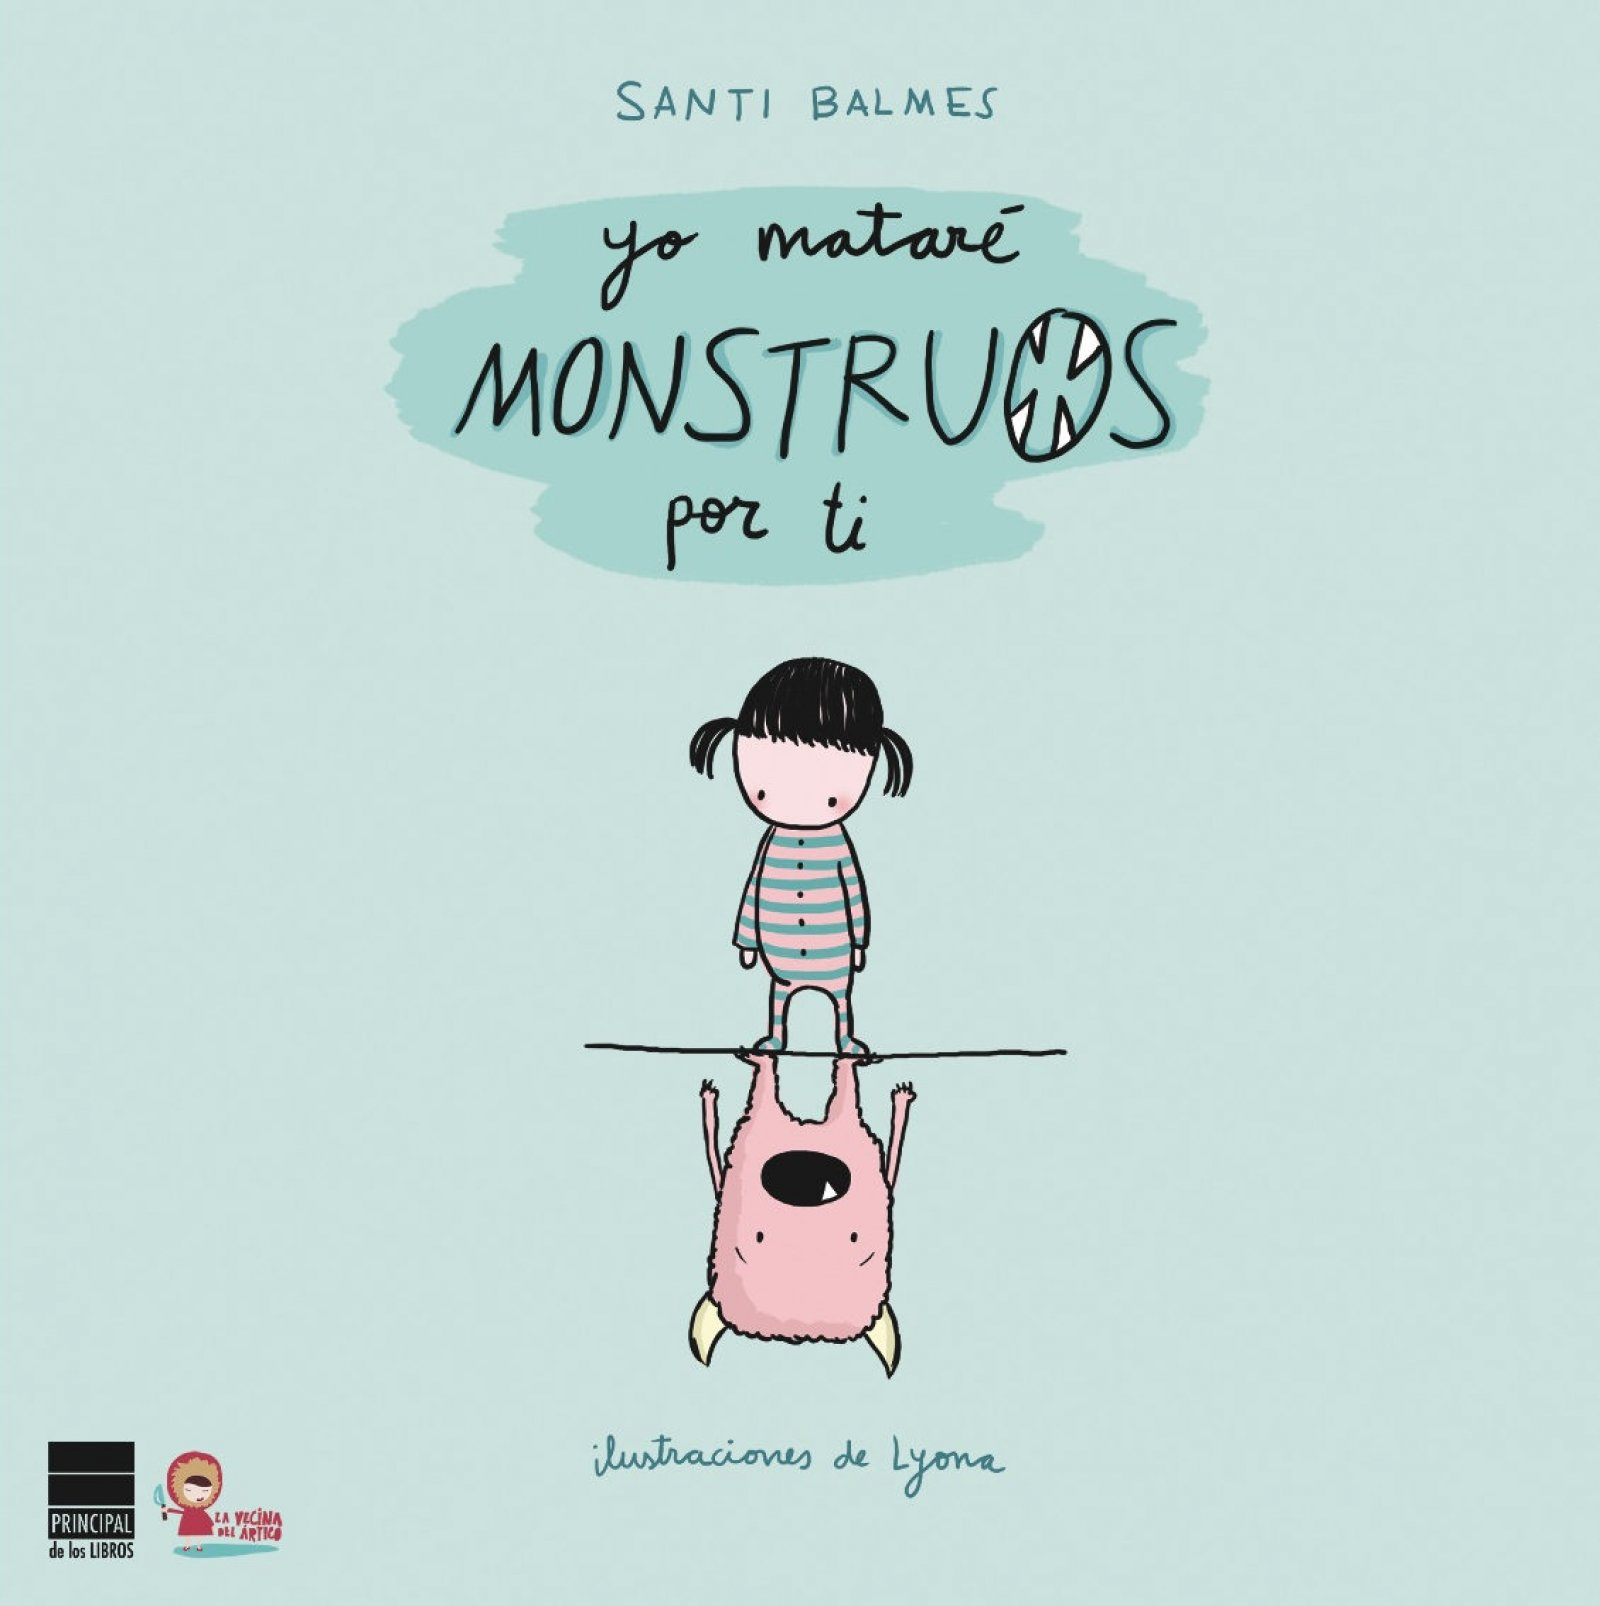 Yo mataré monstruos por ti de Santi Balmes.